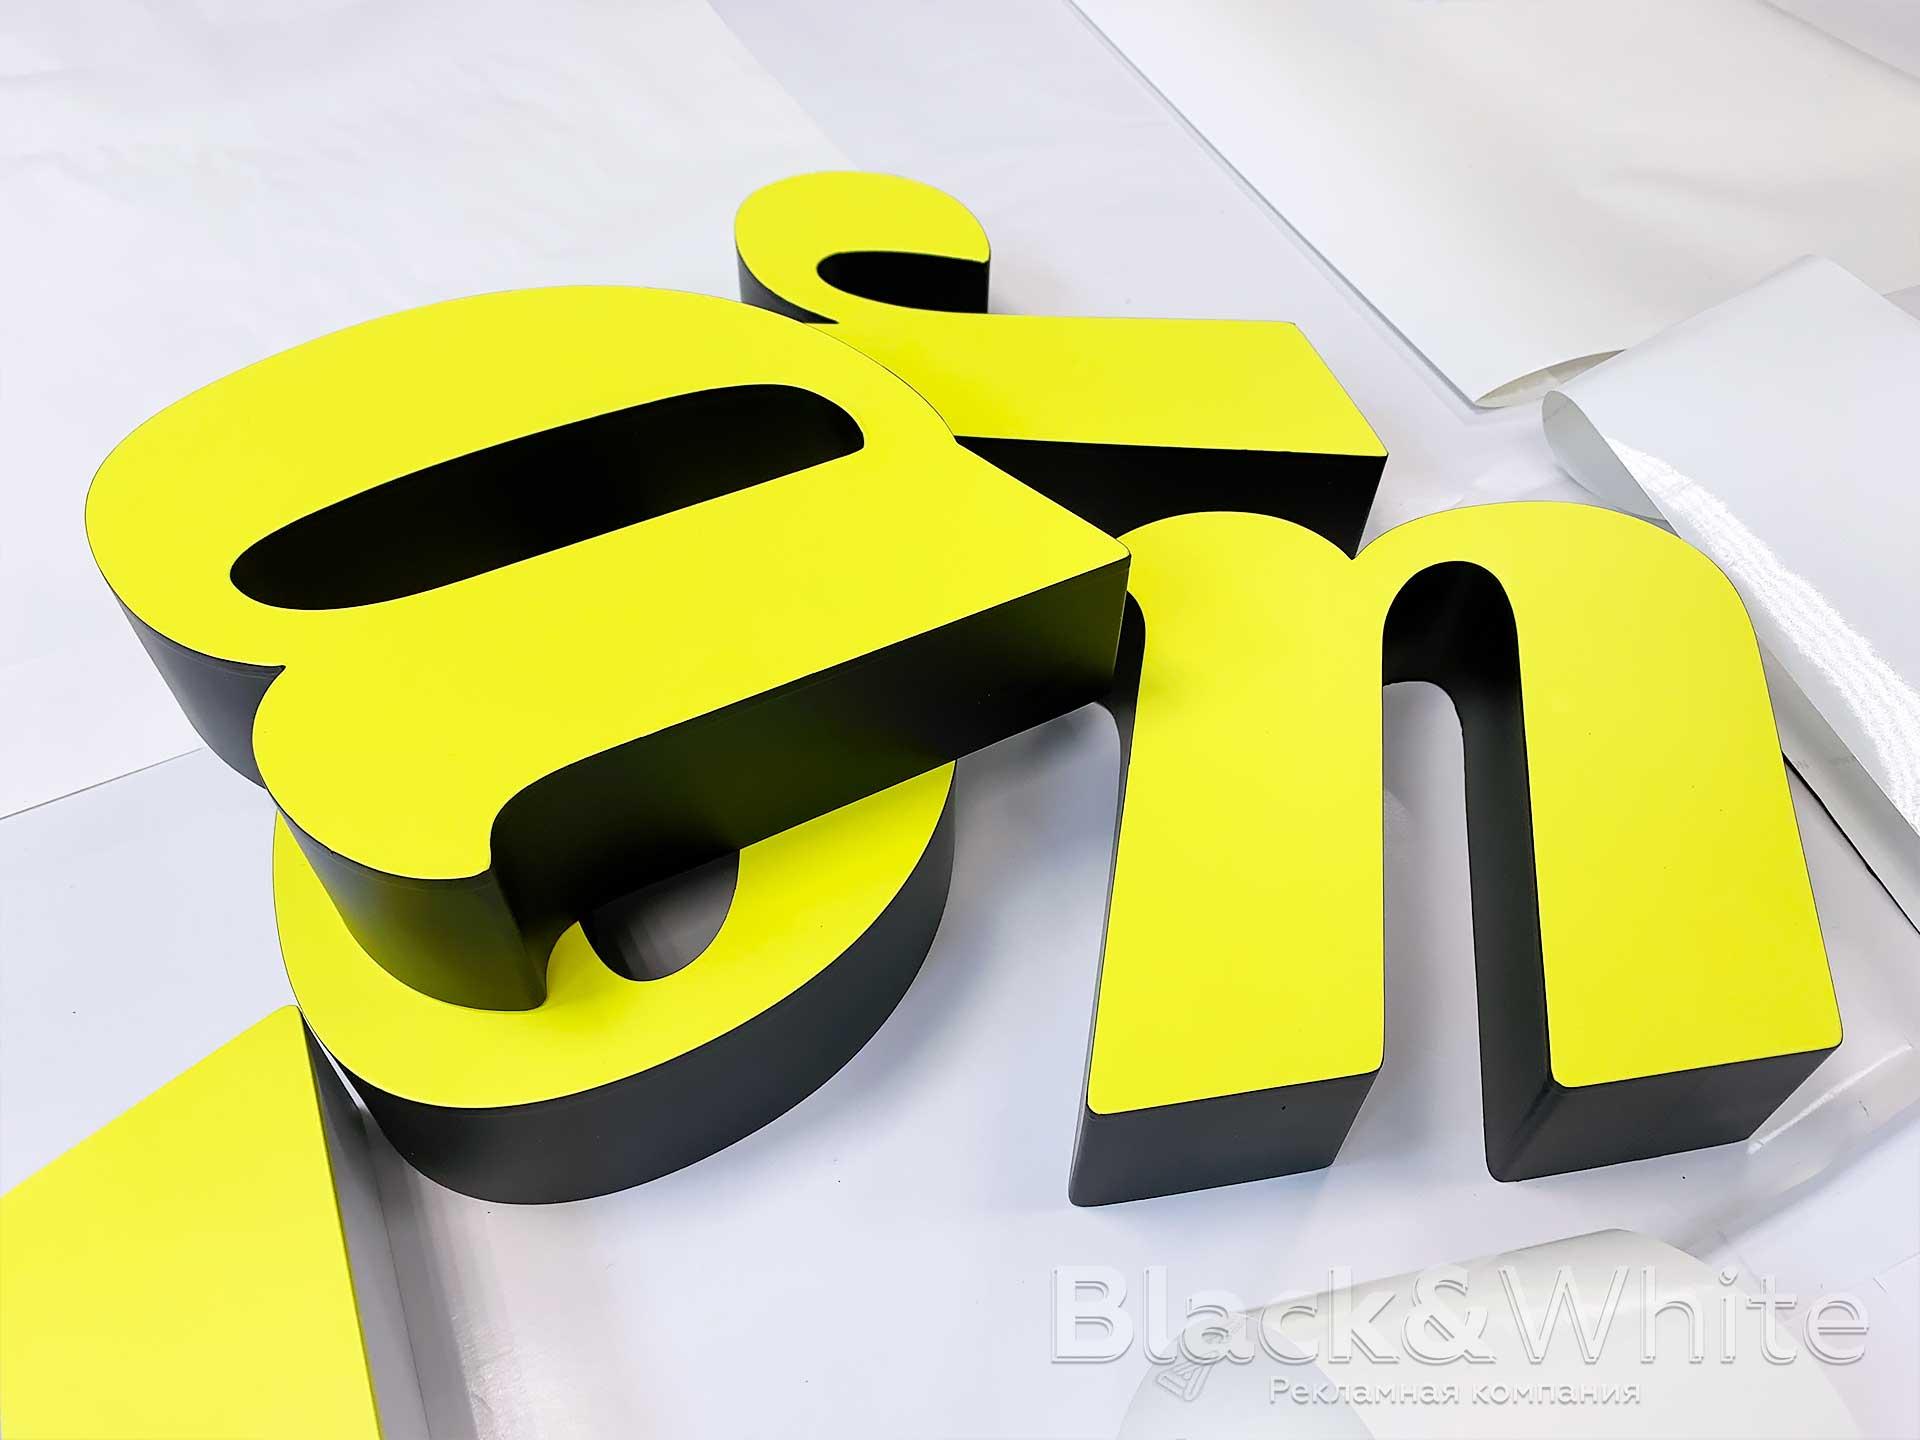 Объемные-буквы-без-подсветки-в-Красноярске-изготовление-на-заказ-2.jpg